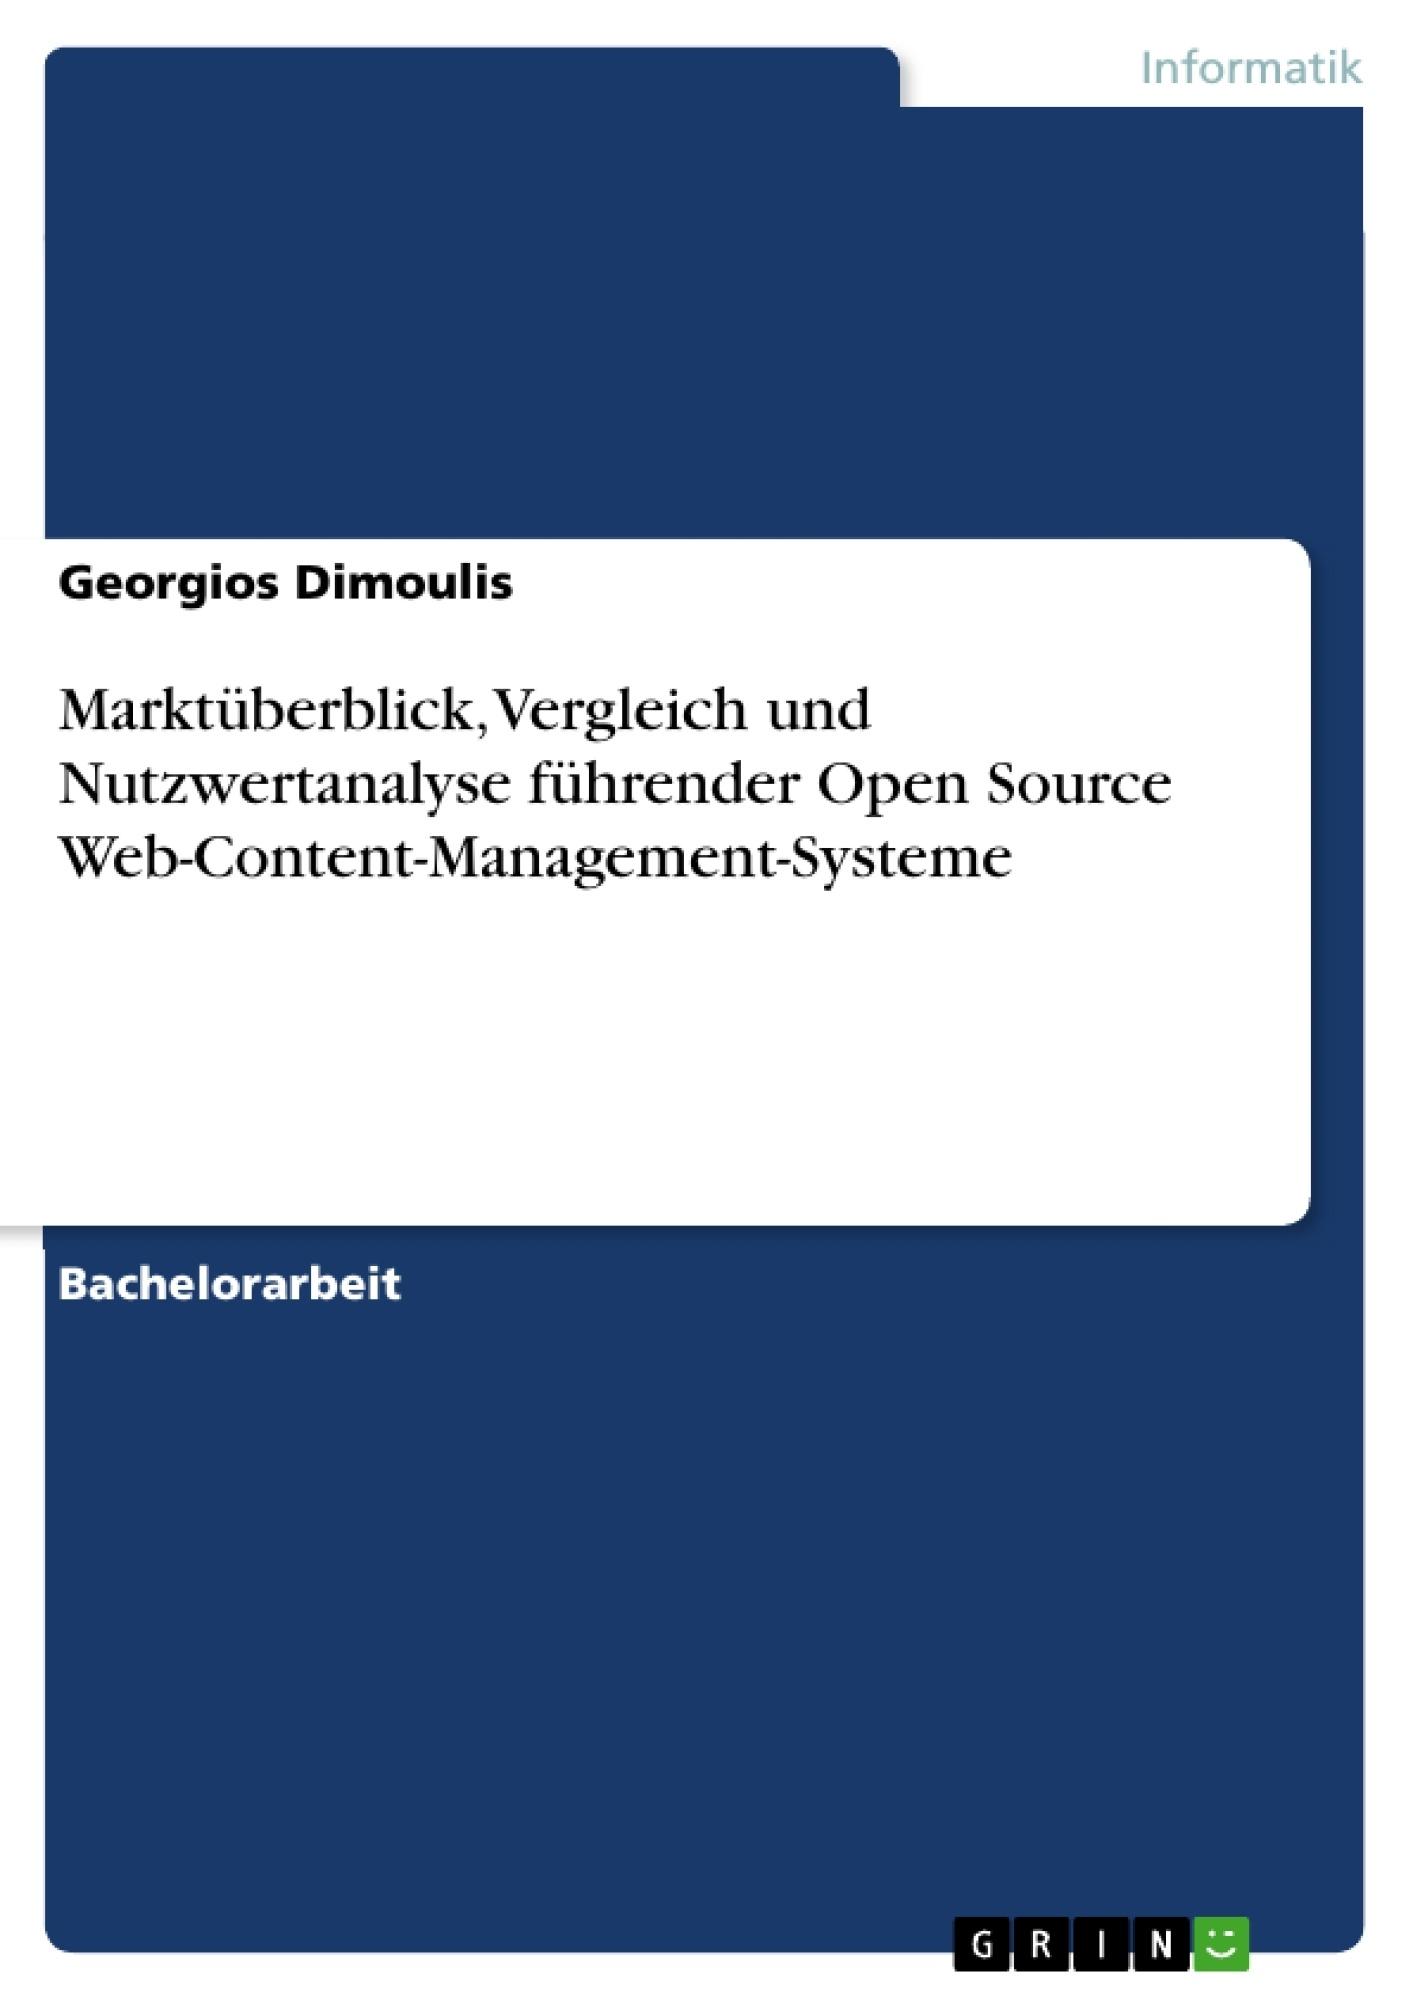 Titel: Marktüberblick, Vergleich und Nutzwertanalyse führender Open Source Web-Content-Management-Systeme